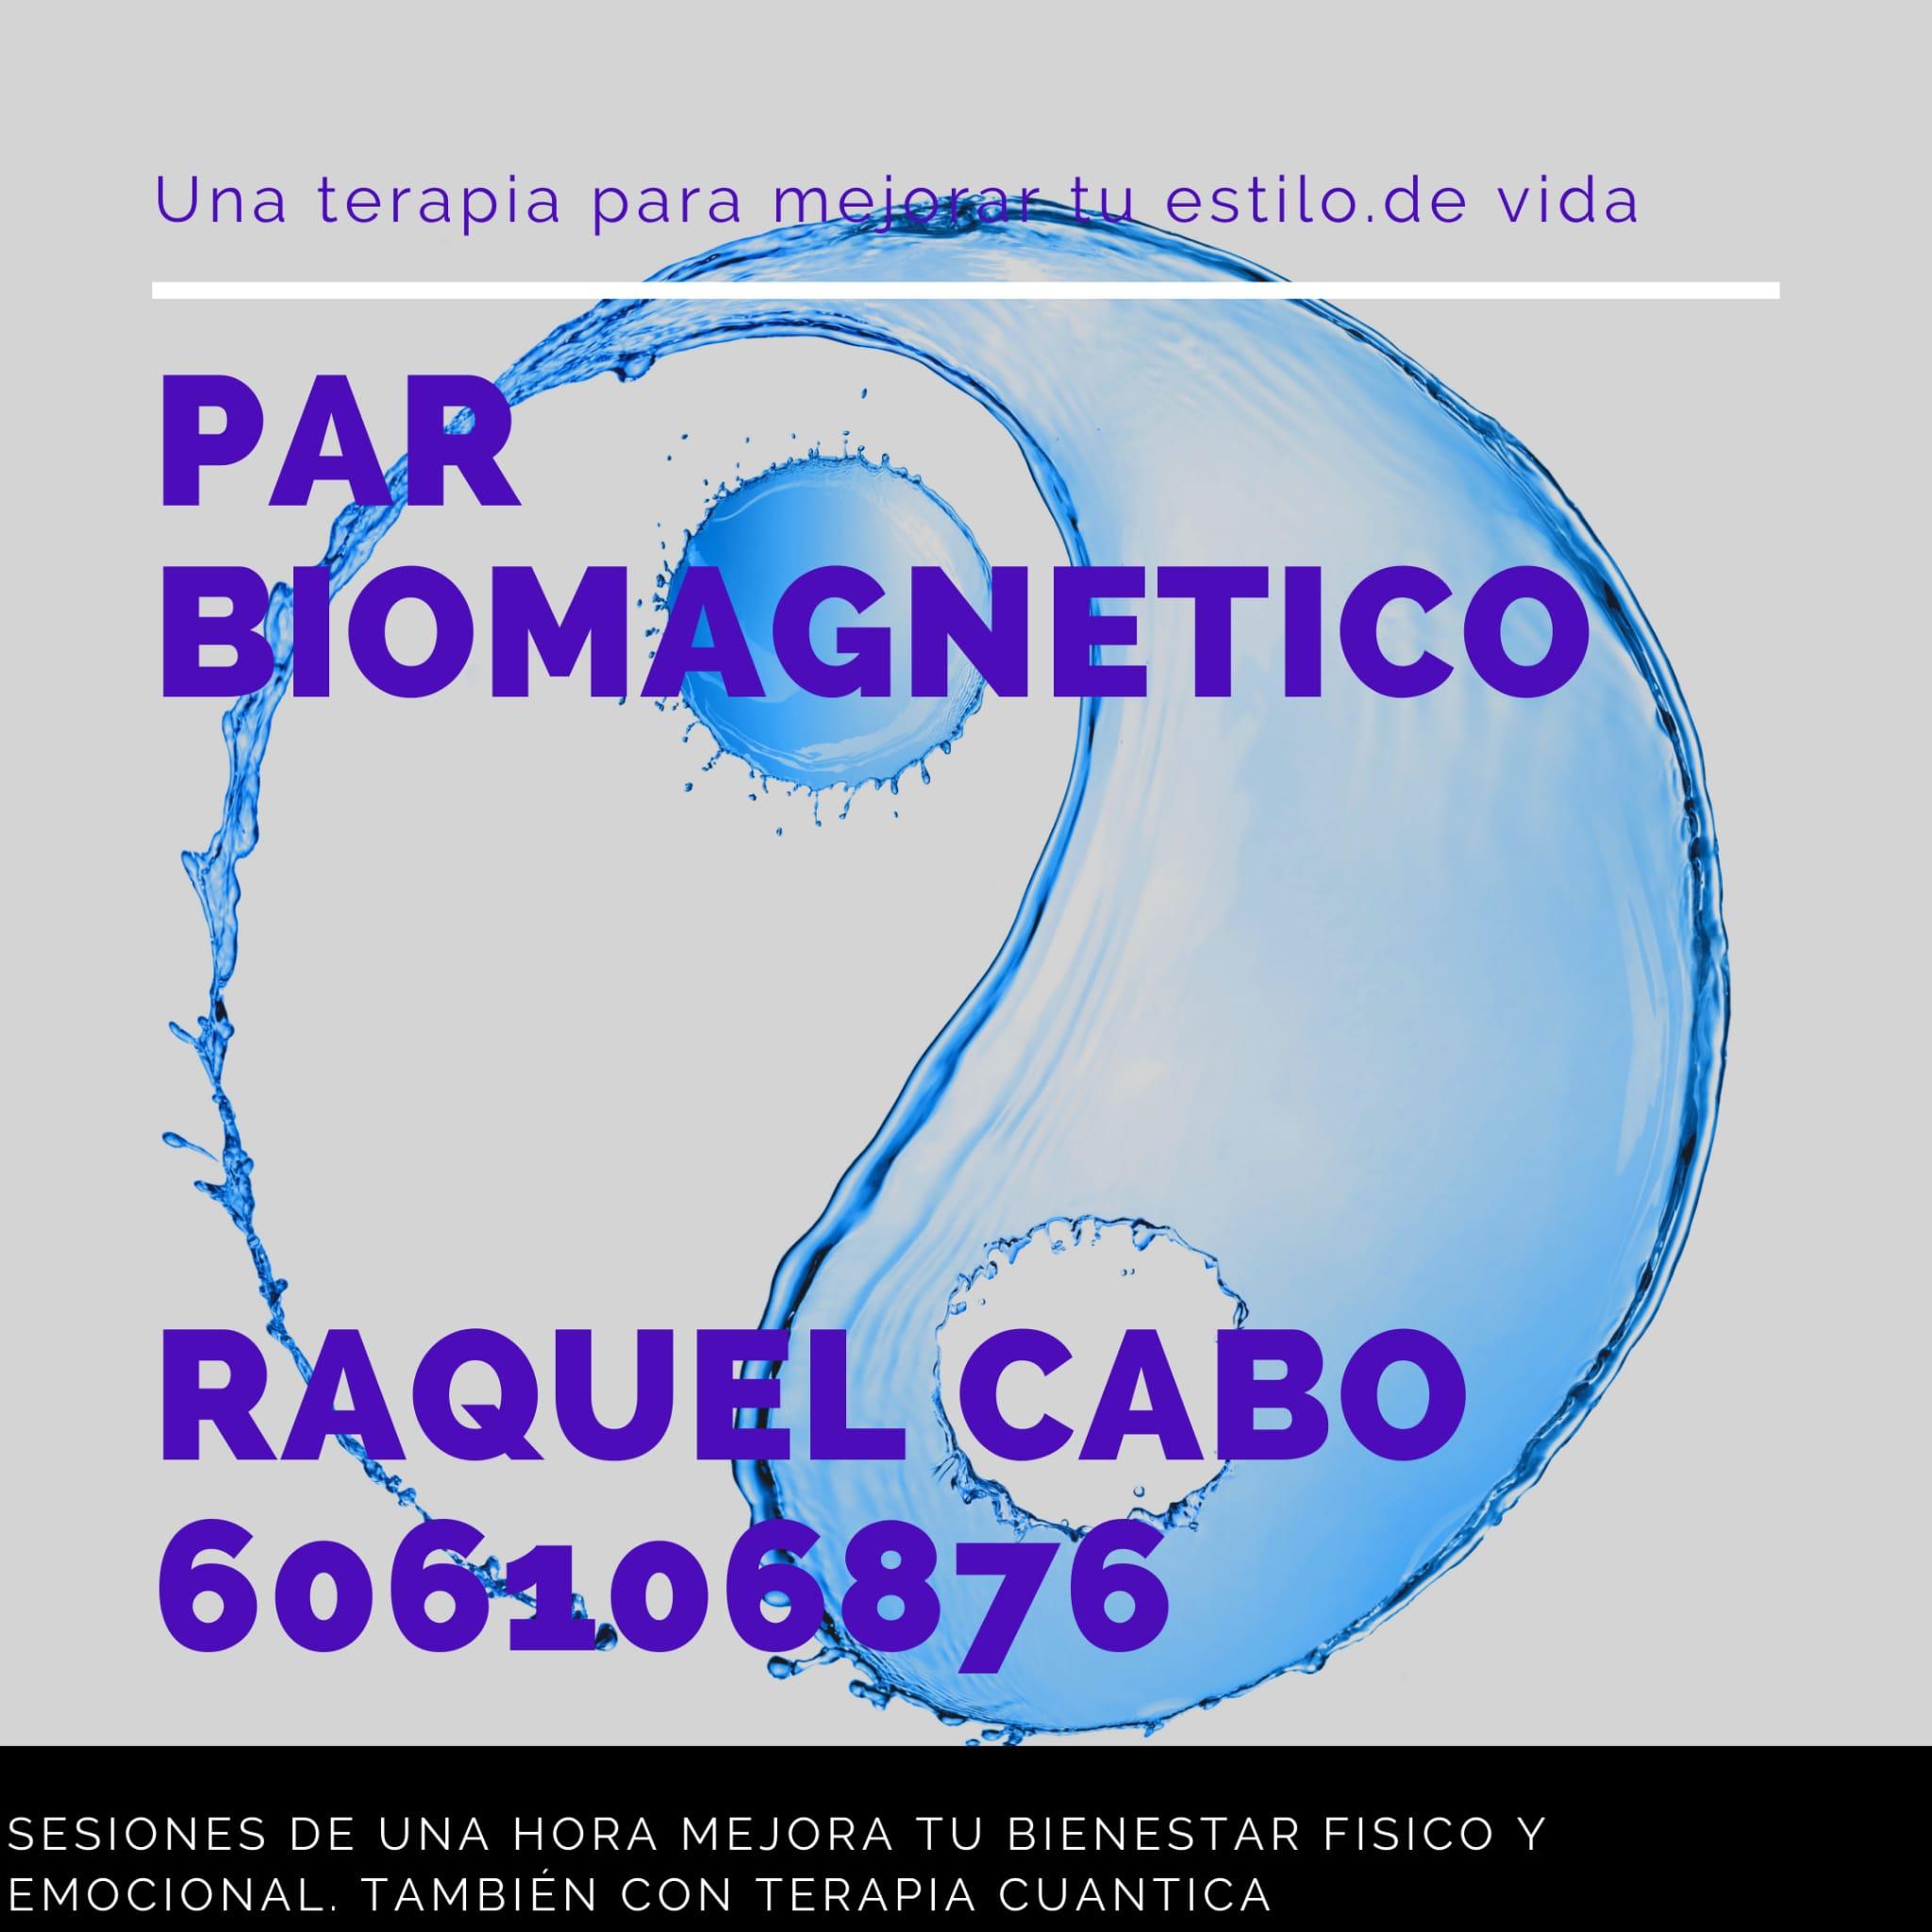 par biomagnetico, par biomagnetico valencia, biomagnetismo, terapia biomagnetica, terapia del par bioomagnetico